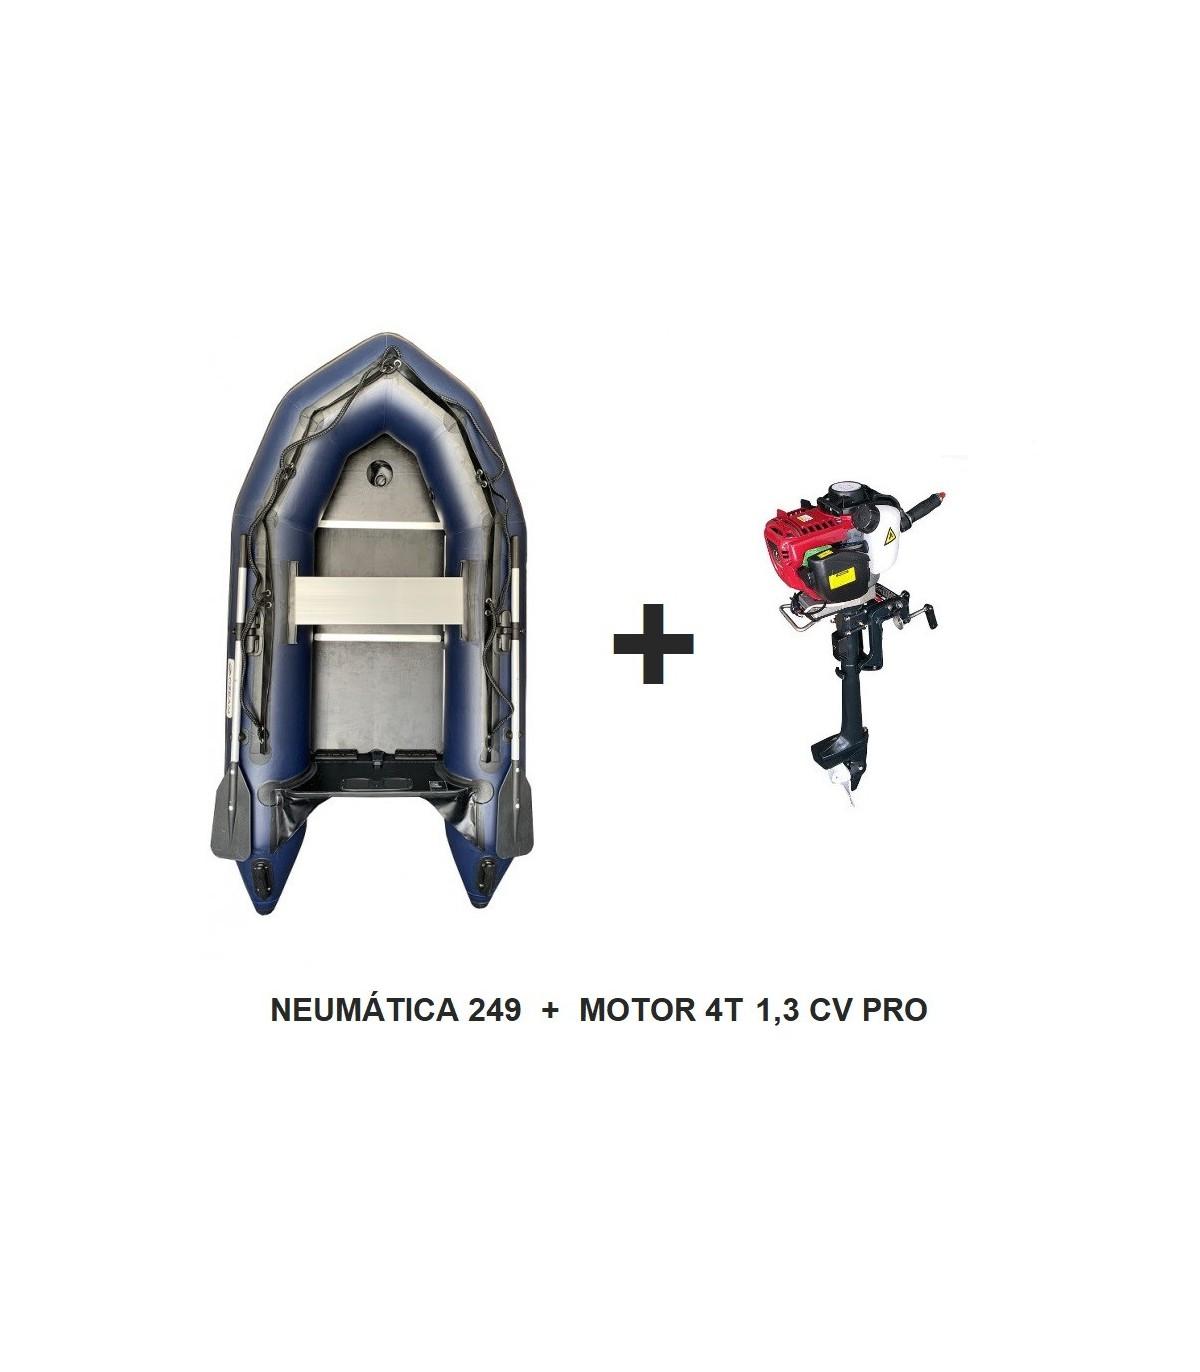 LANCHA NEUMÁTICA OZEAM 249 CON MOTOR